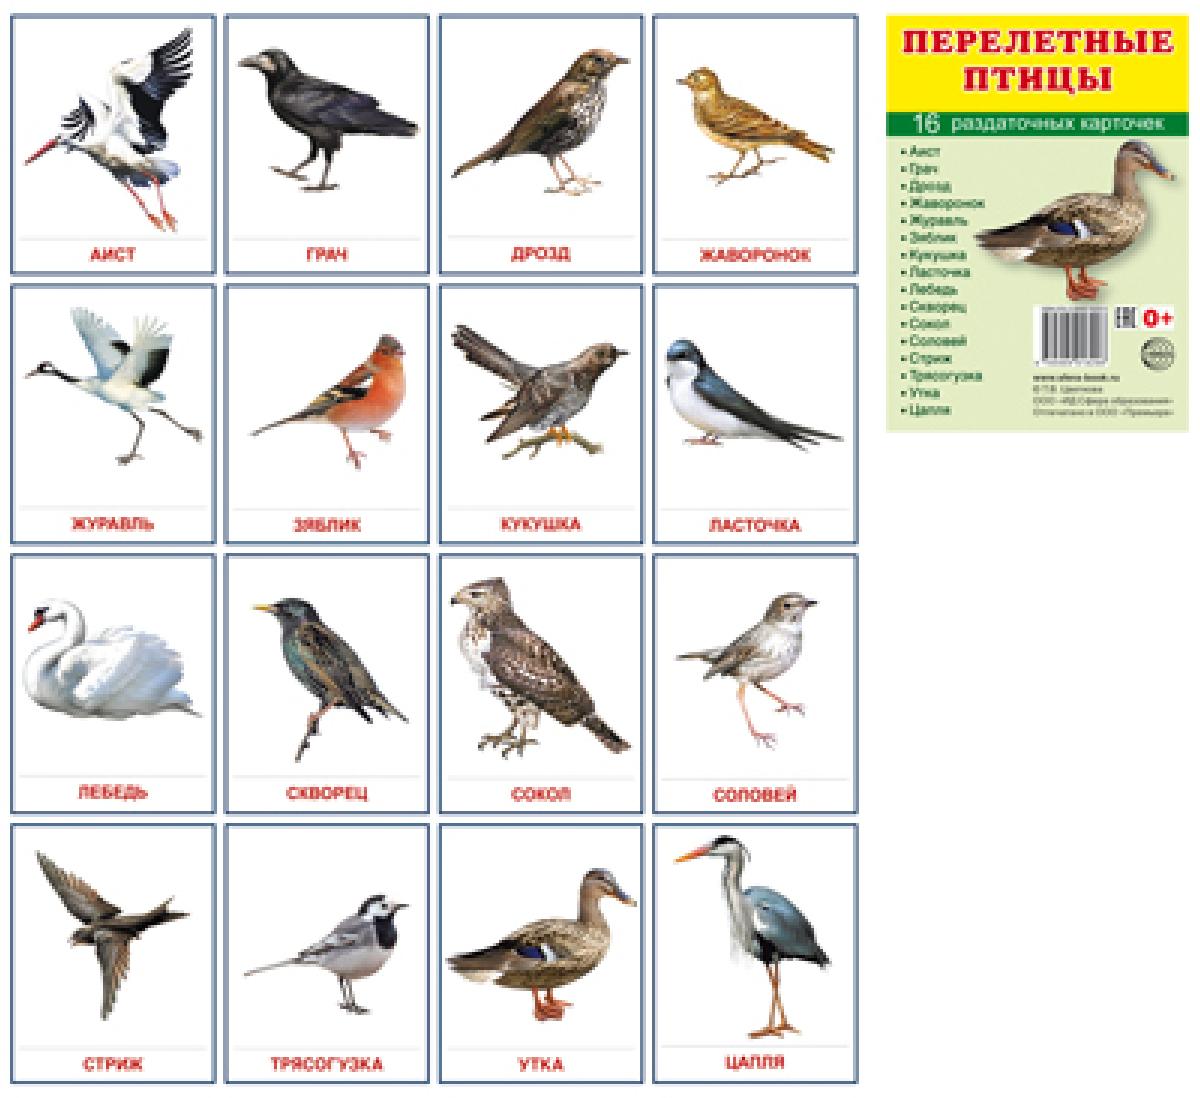 Т. В. Цветкова Перелетные птицы. Раздаточные картинки (набор из 16 карточек) перелетные птицы